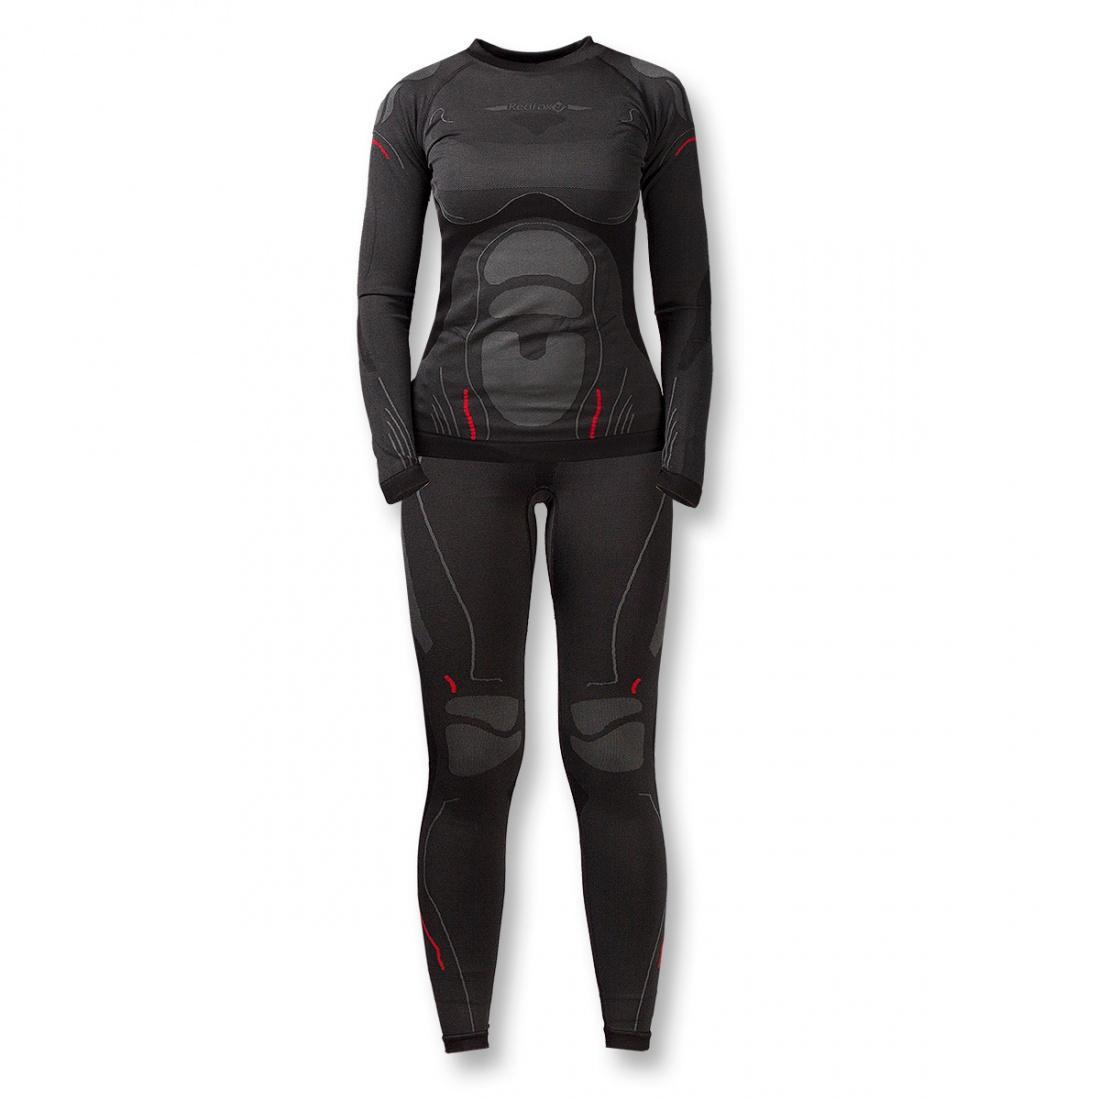 Термобелье костюм Dry Zone ЖенскийКомплекты<br><br> Теплое и очень тонкое зональное термобелье, поддерживает идеальный микроклимат тела и обеспечиваетмаксимум комфорта и свободу движе...<br><br>Цвет: Черный<br>Размер: 42-44